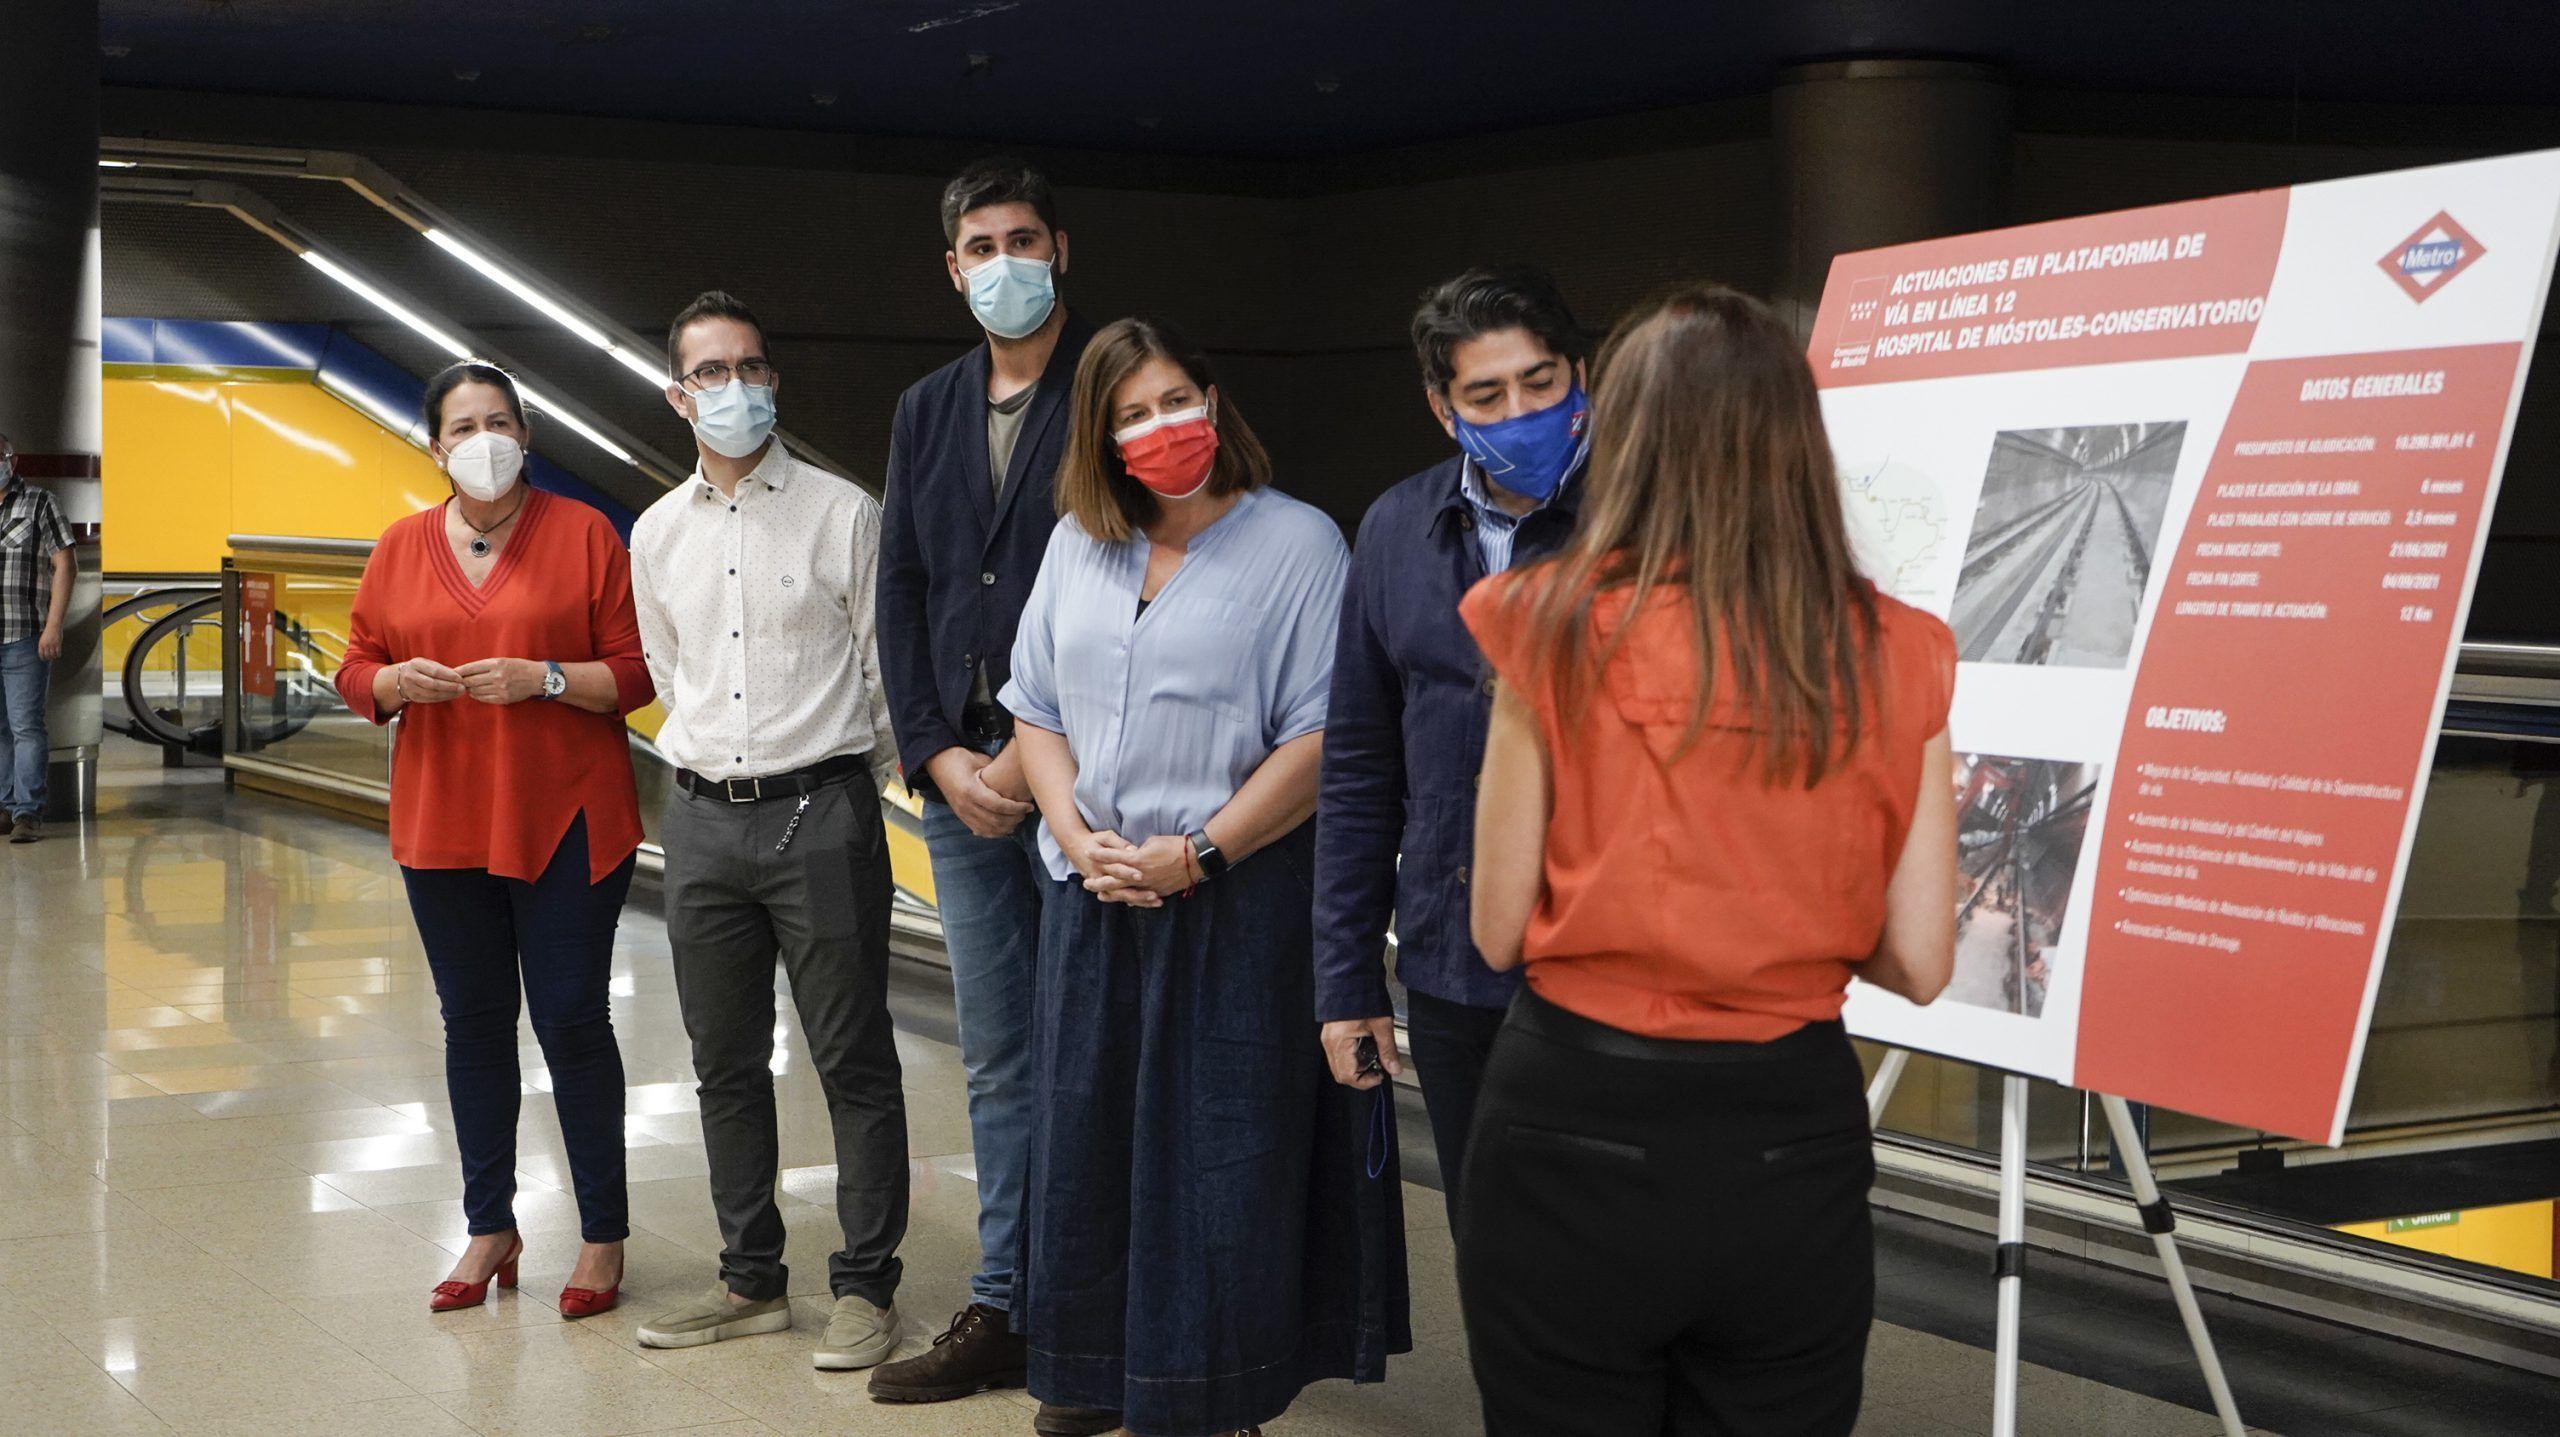 Las obras en el tramo de Hospital de Móstoles y Conservatorio han finalizado y se ha realizado la reapertura de las instalaciones. Los vecinos de Móstoles disfrutan de un Metrosur más rápido.